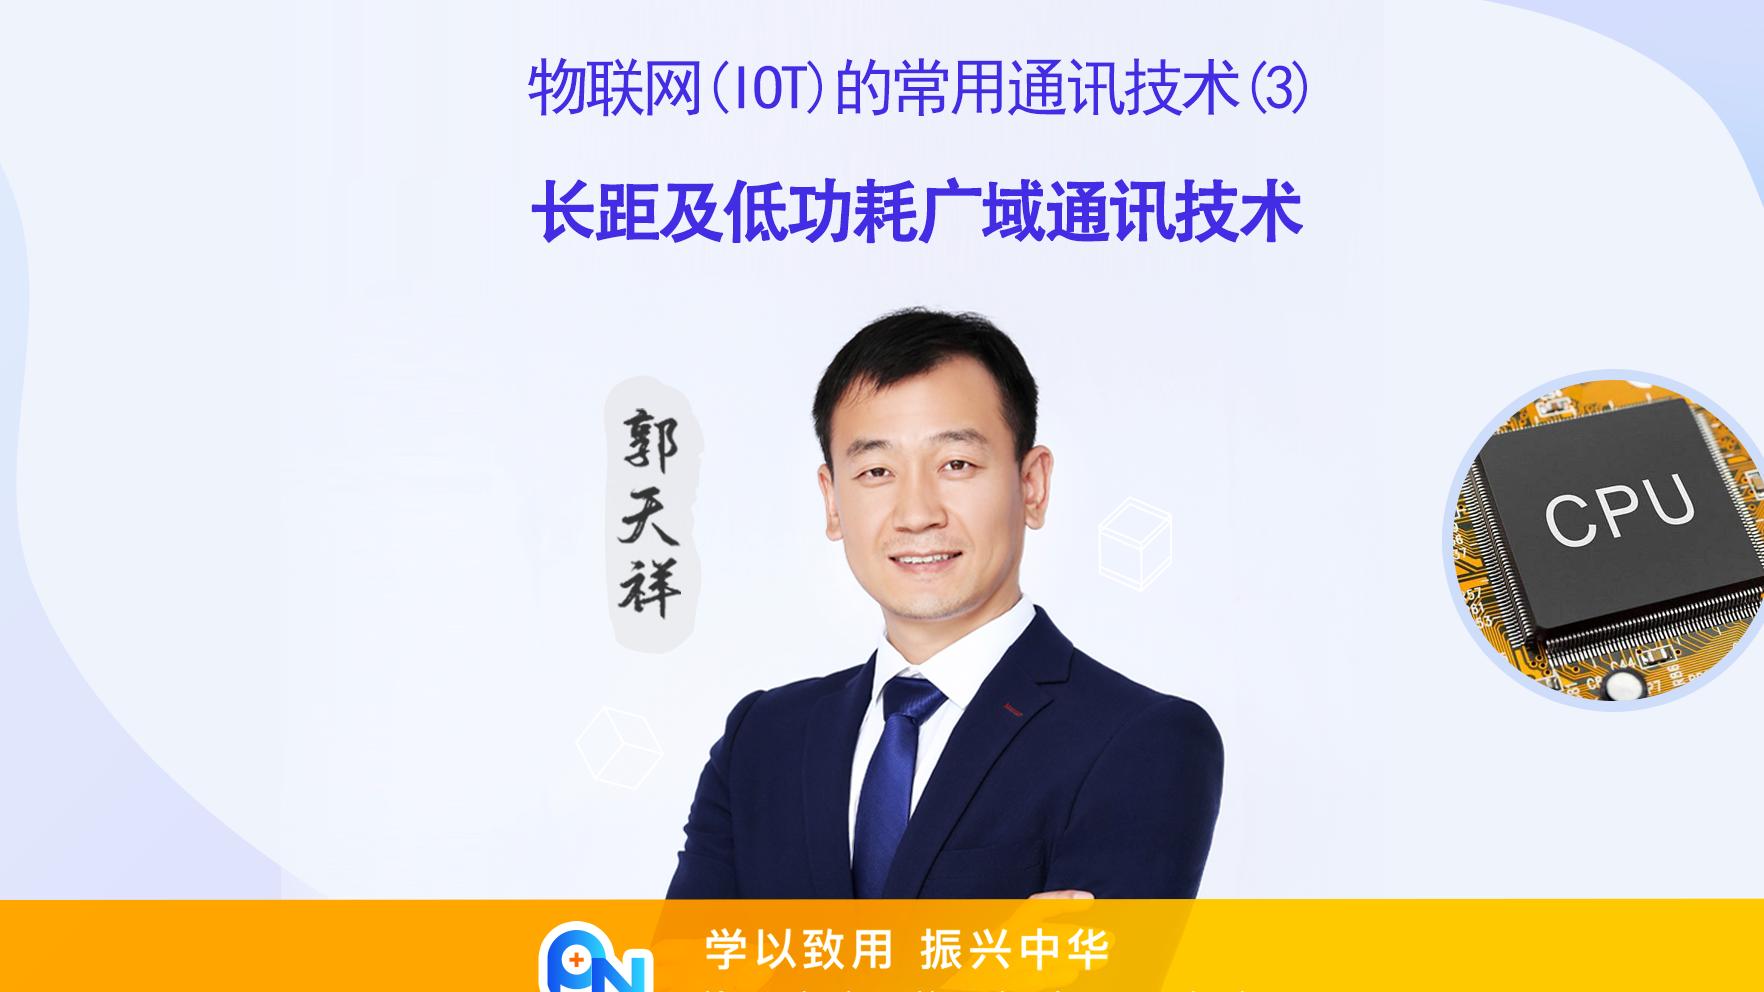 郭天祥-物联网(IOT)的常用通讯技术